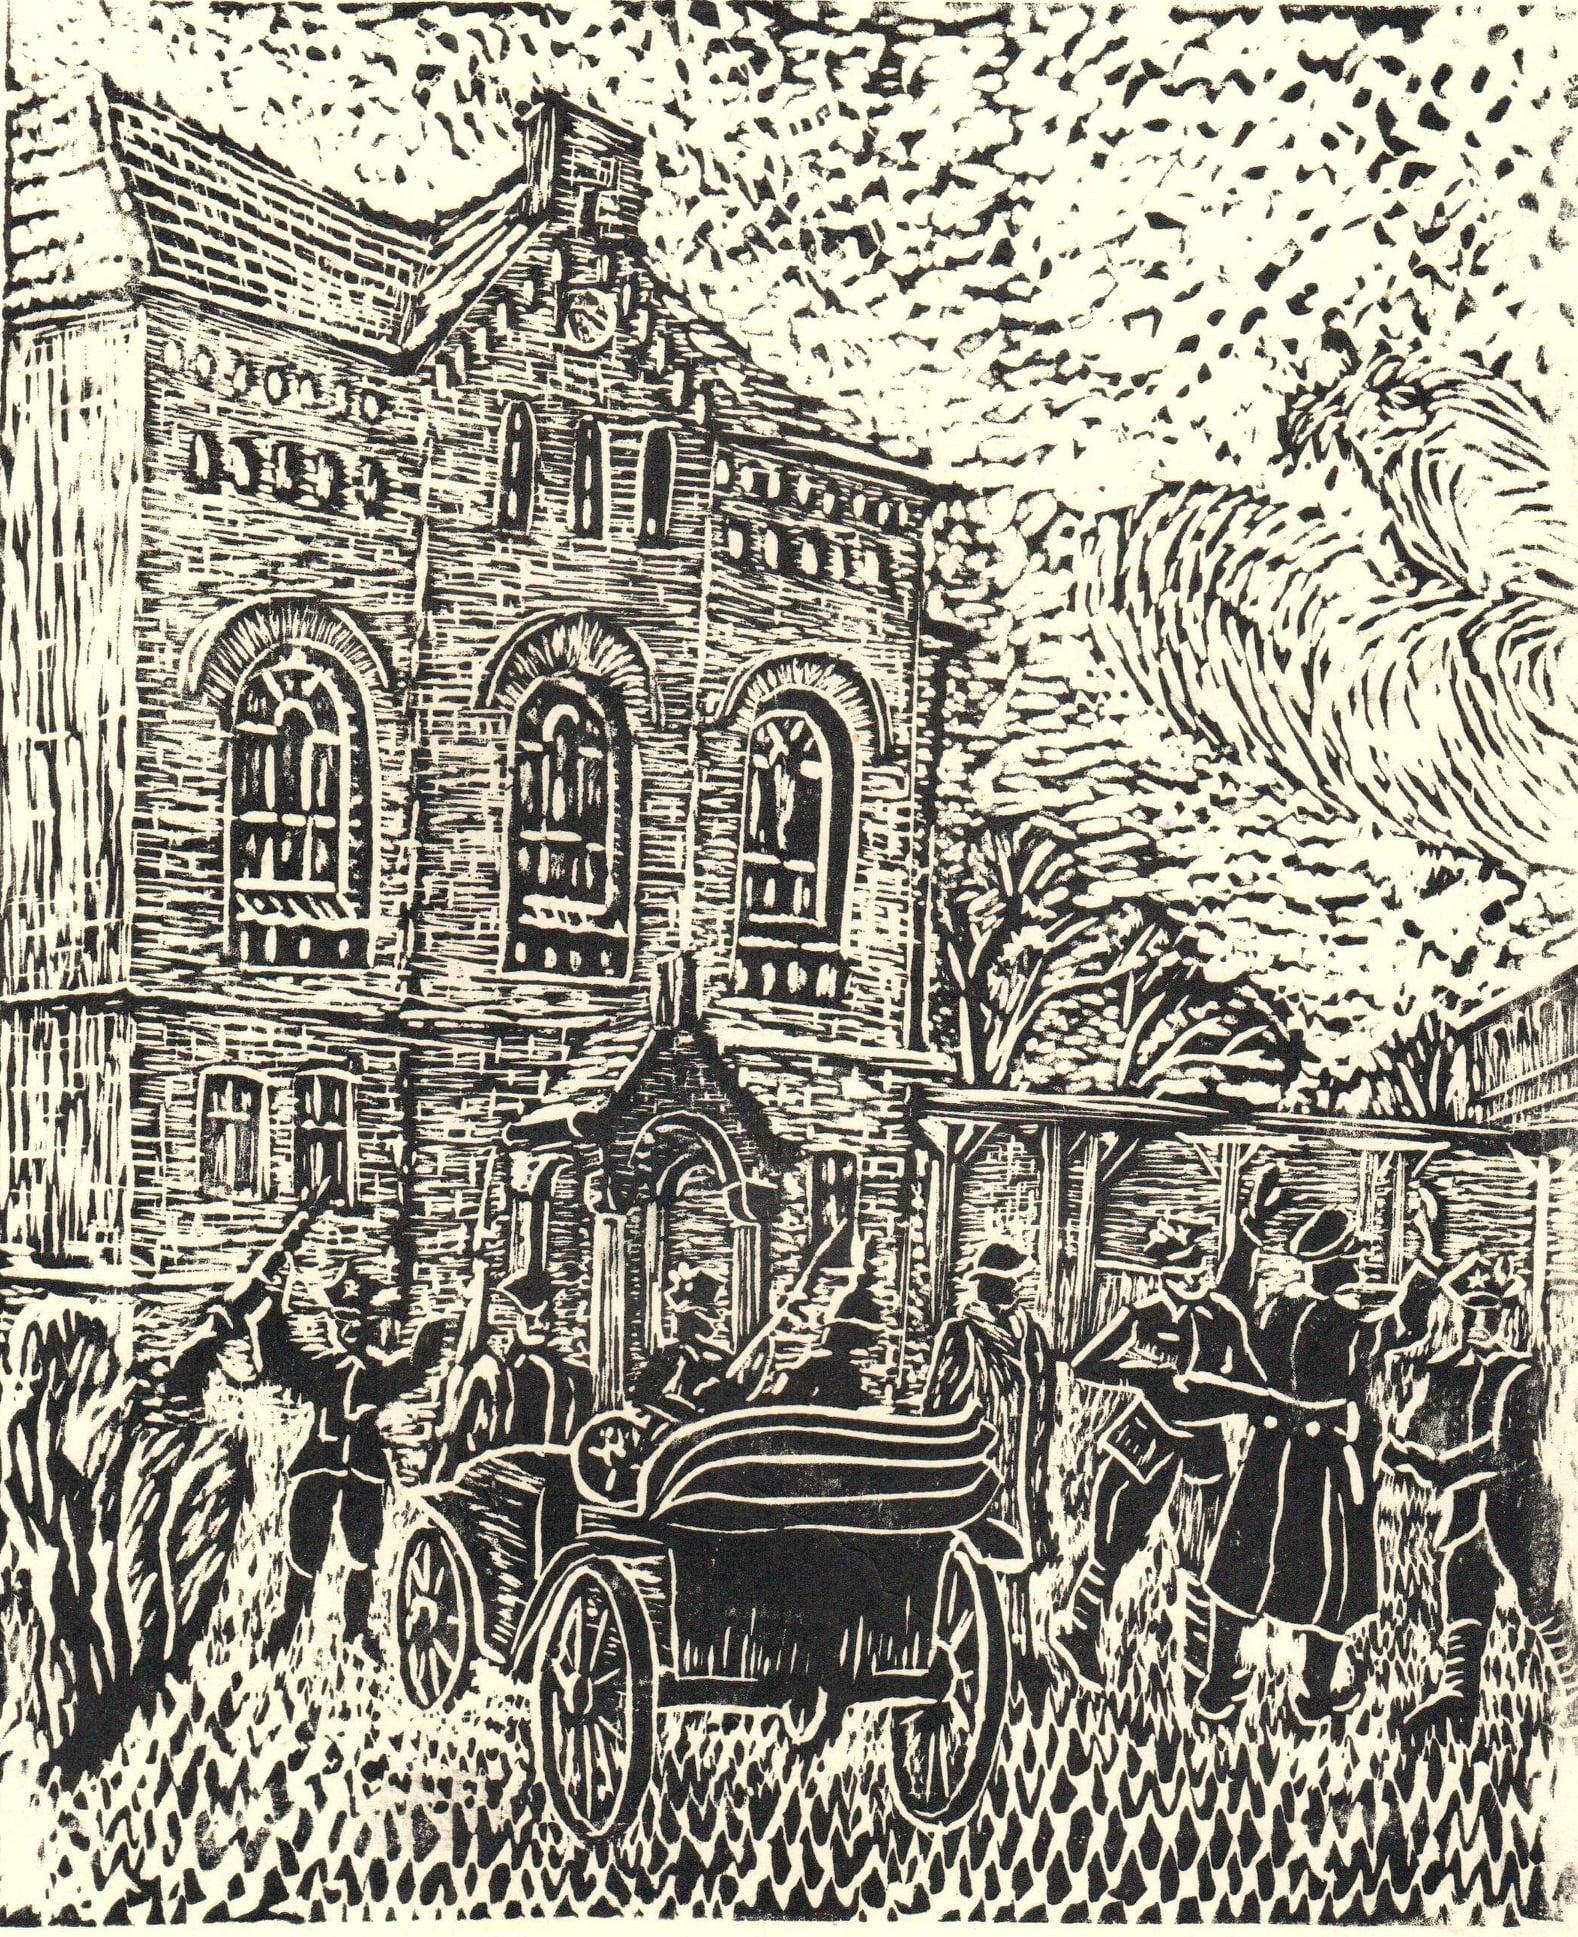 Artystyczna wizja akcji powstańczej w Wągrowcu, linoryt Ignacego Boruckiego (zbiory Muzeum Regionalnego w Wągrowcu).